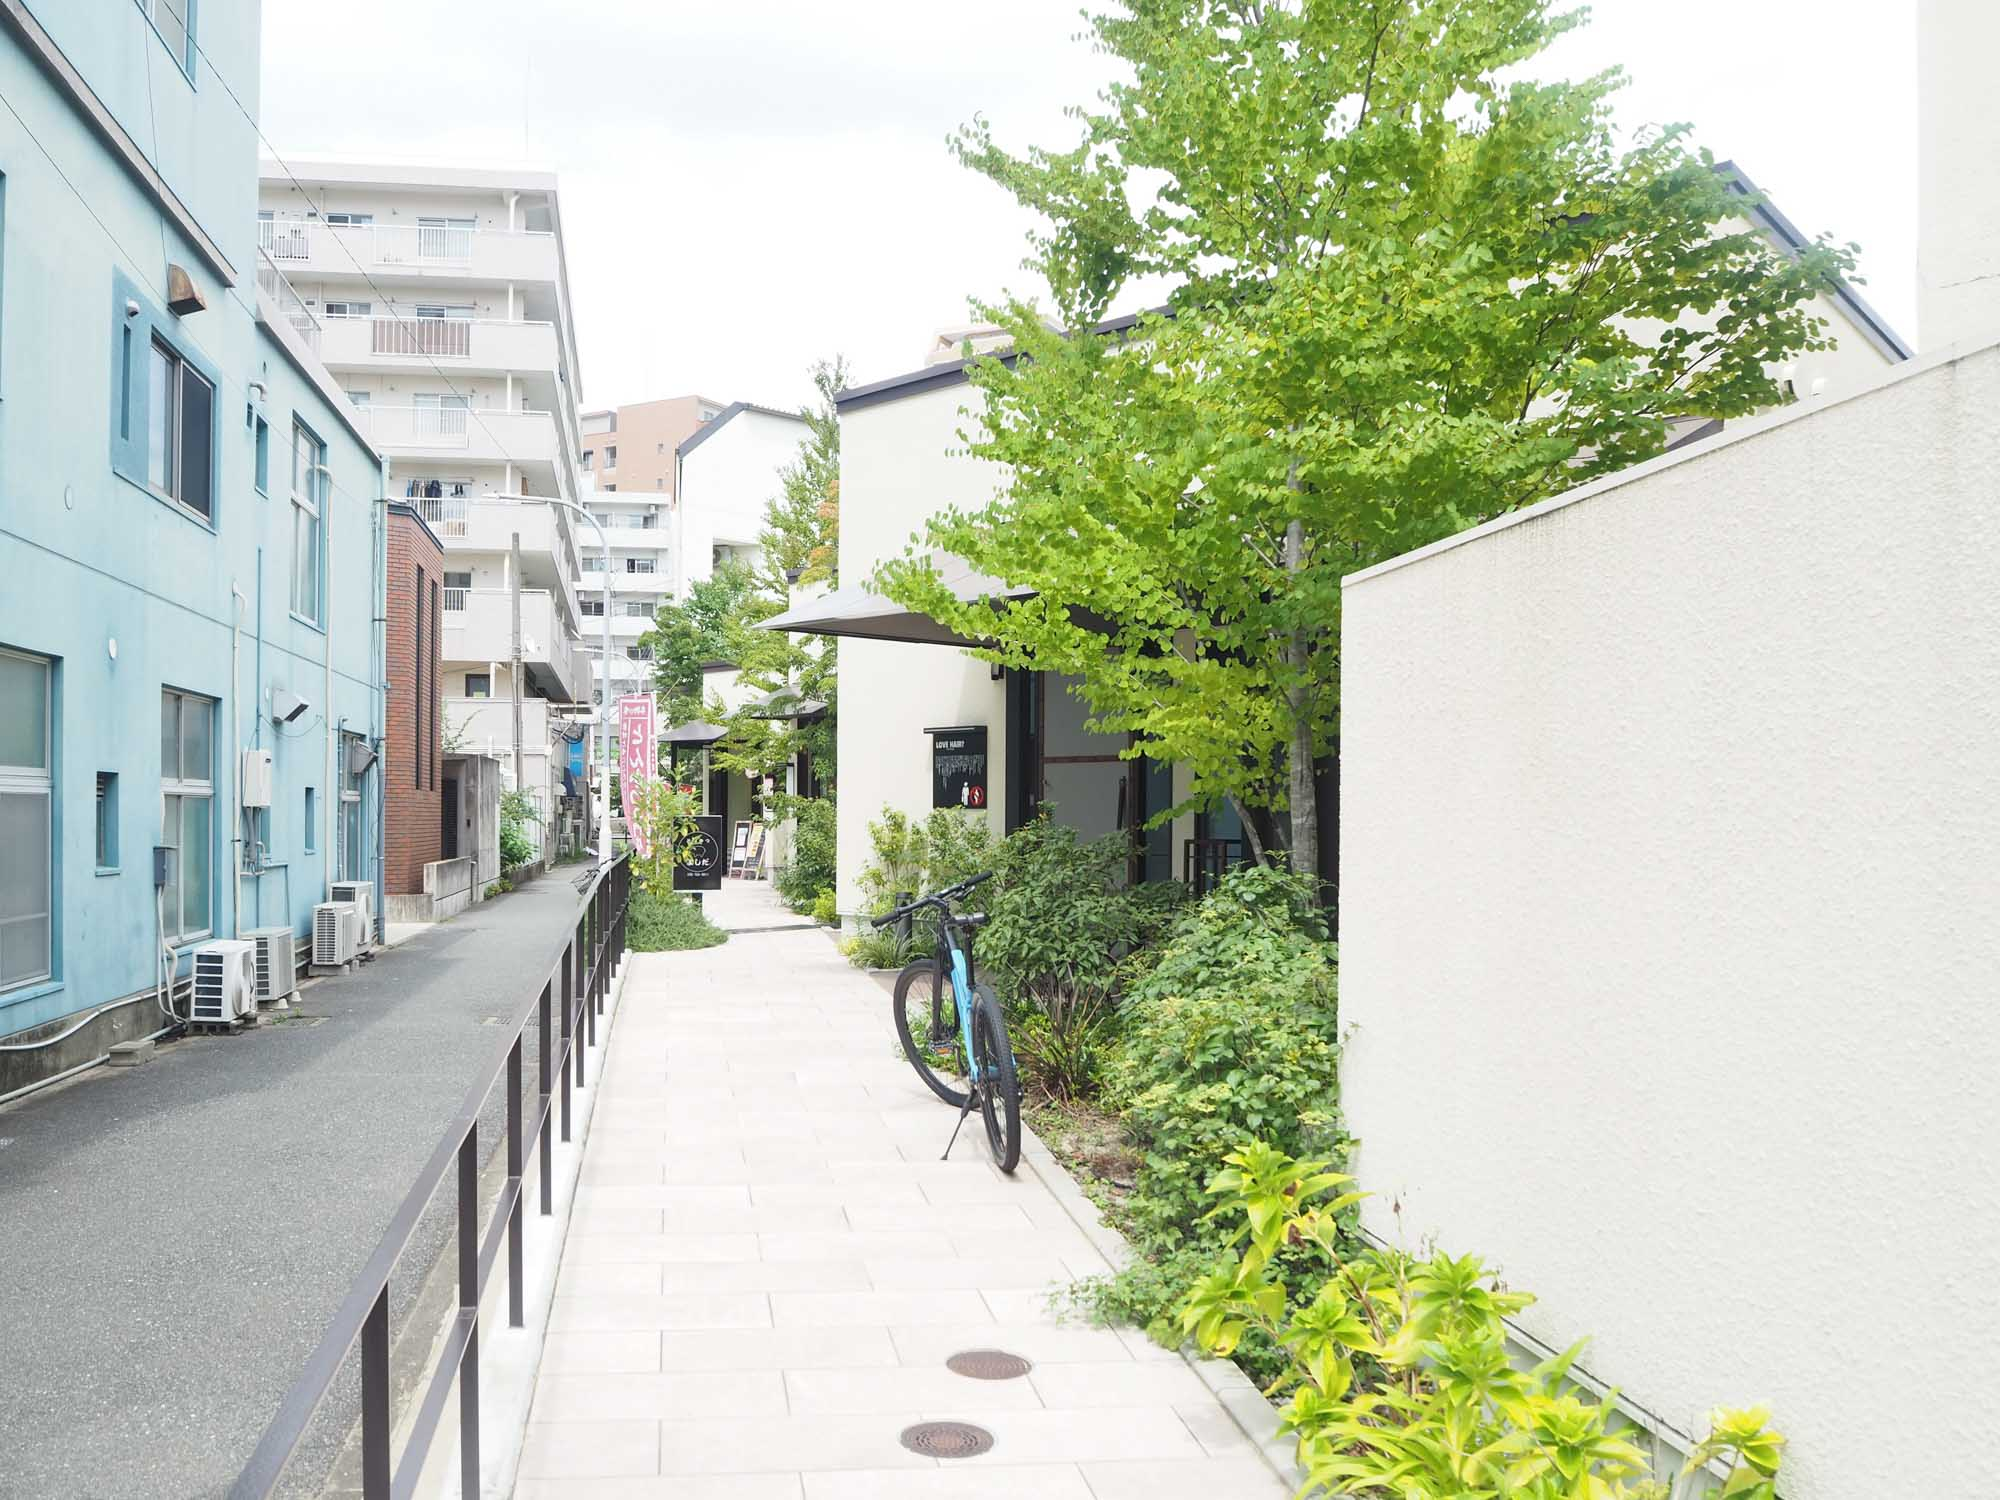 コーヒーとパン、本を求めて六本松へ。 自転車で散歩すると楽しい路地裏のおしゃれスポットをまとめました